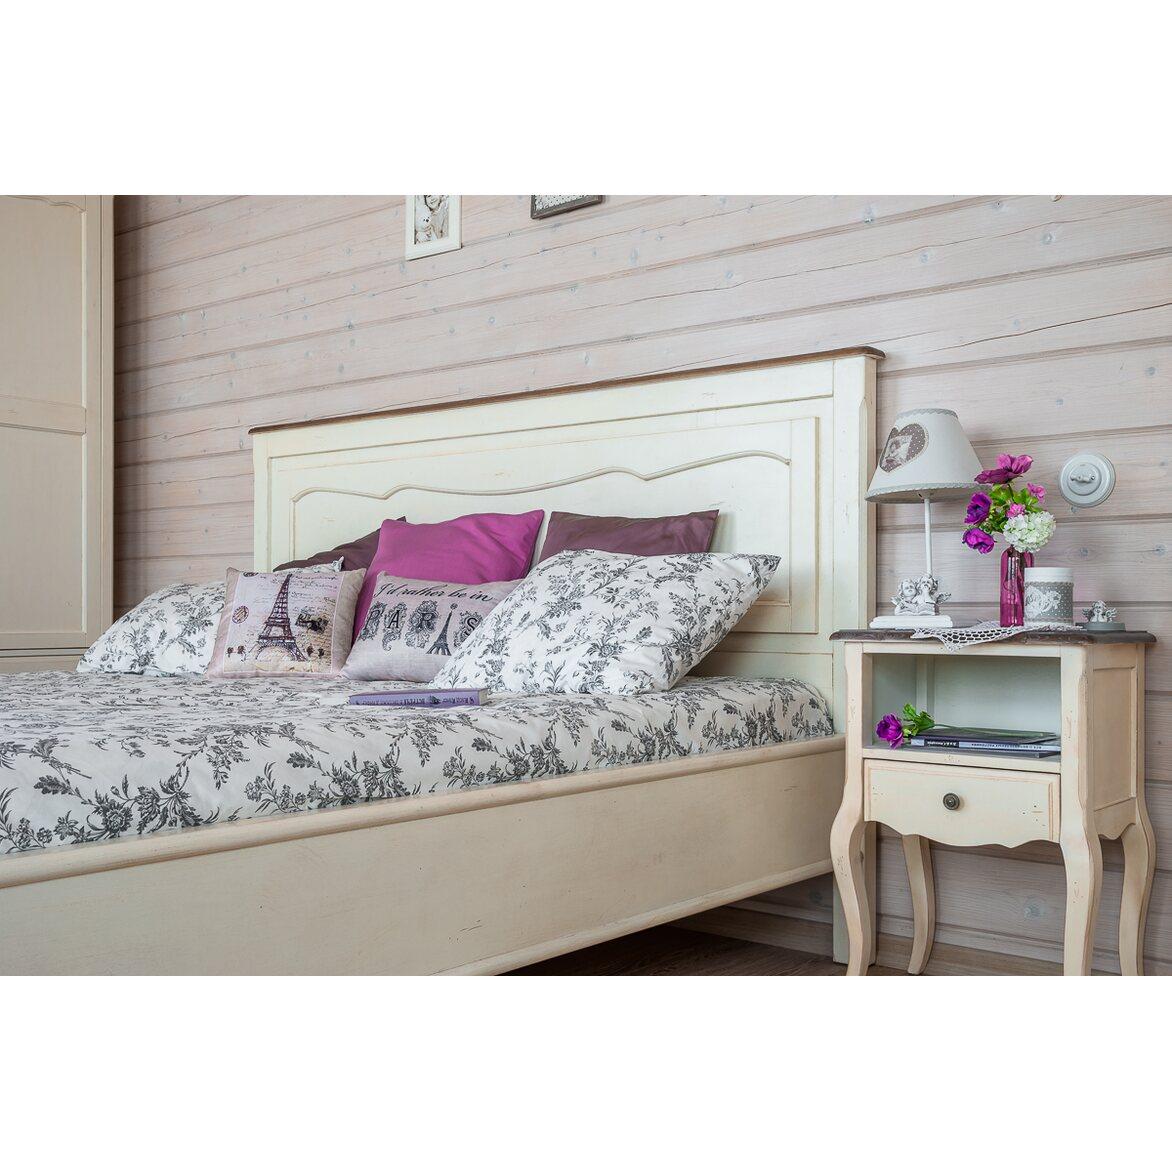 Кровать односпальная 120*200 Leontina, бежевого цвета 3 | Односпальные кровати Kingsby